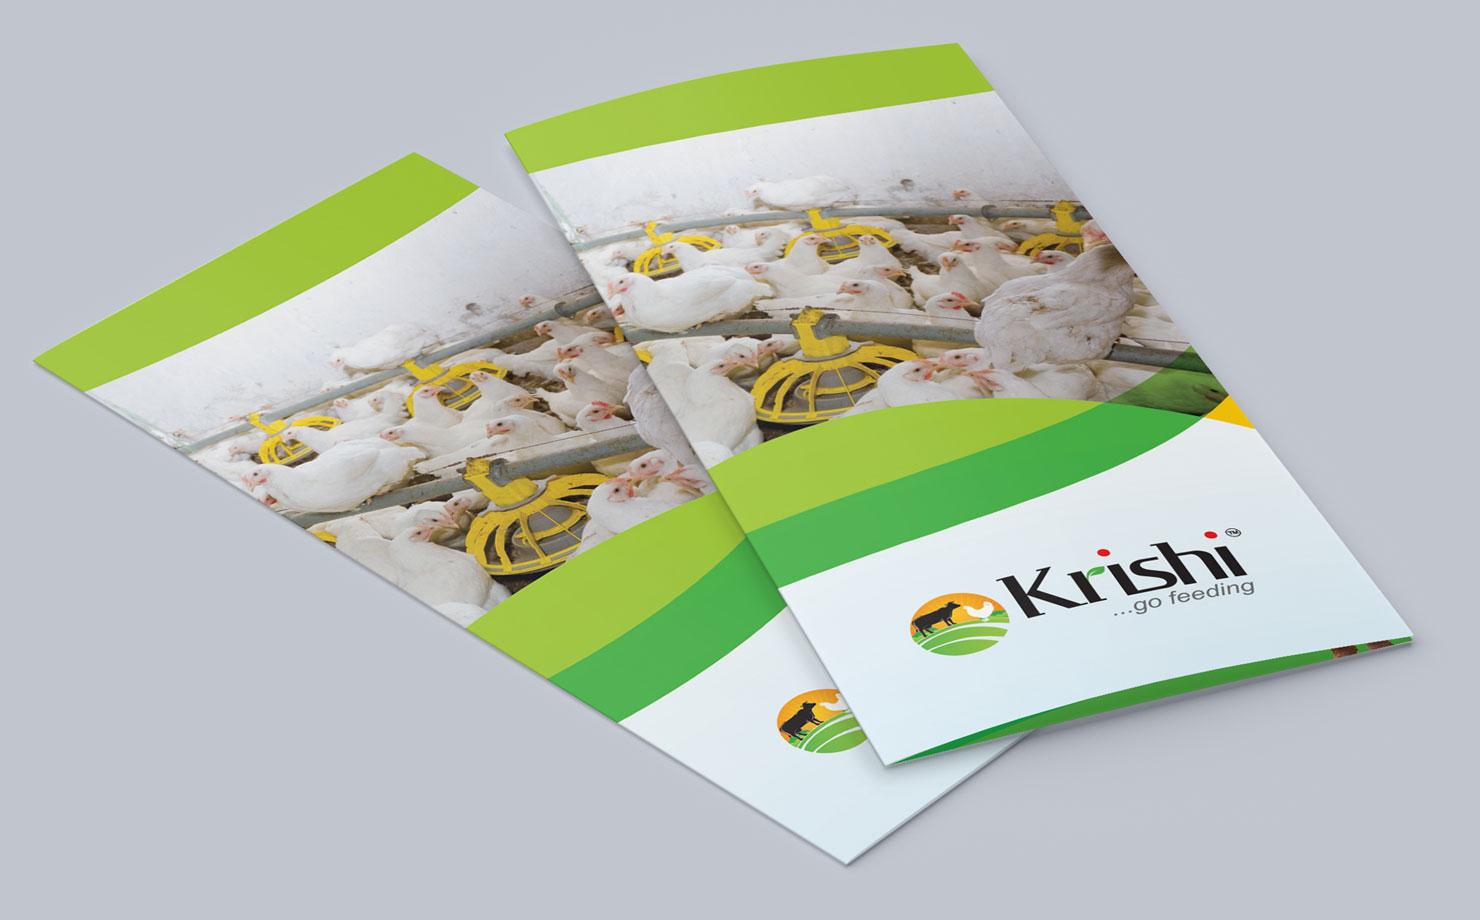 krishi9